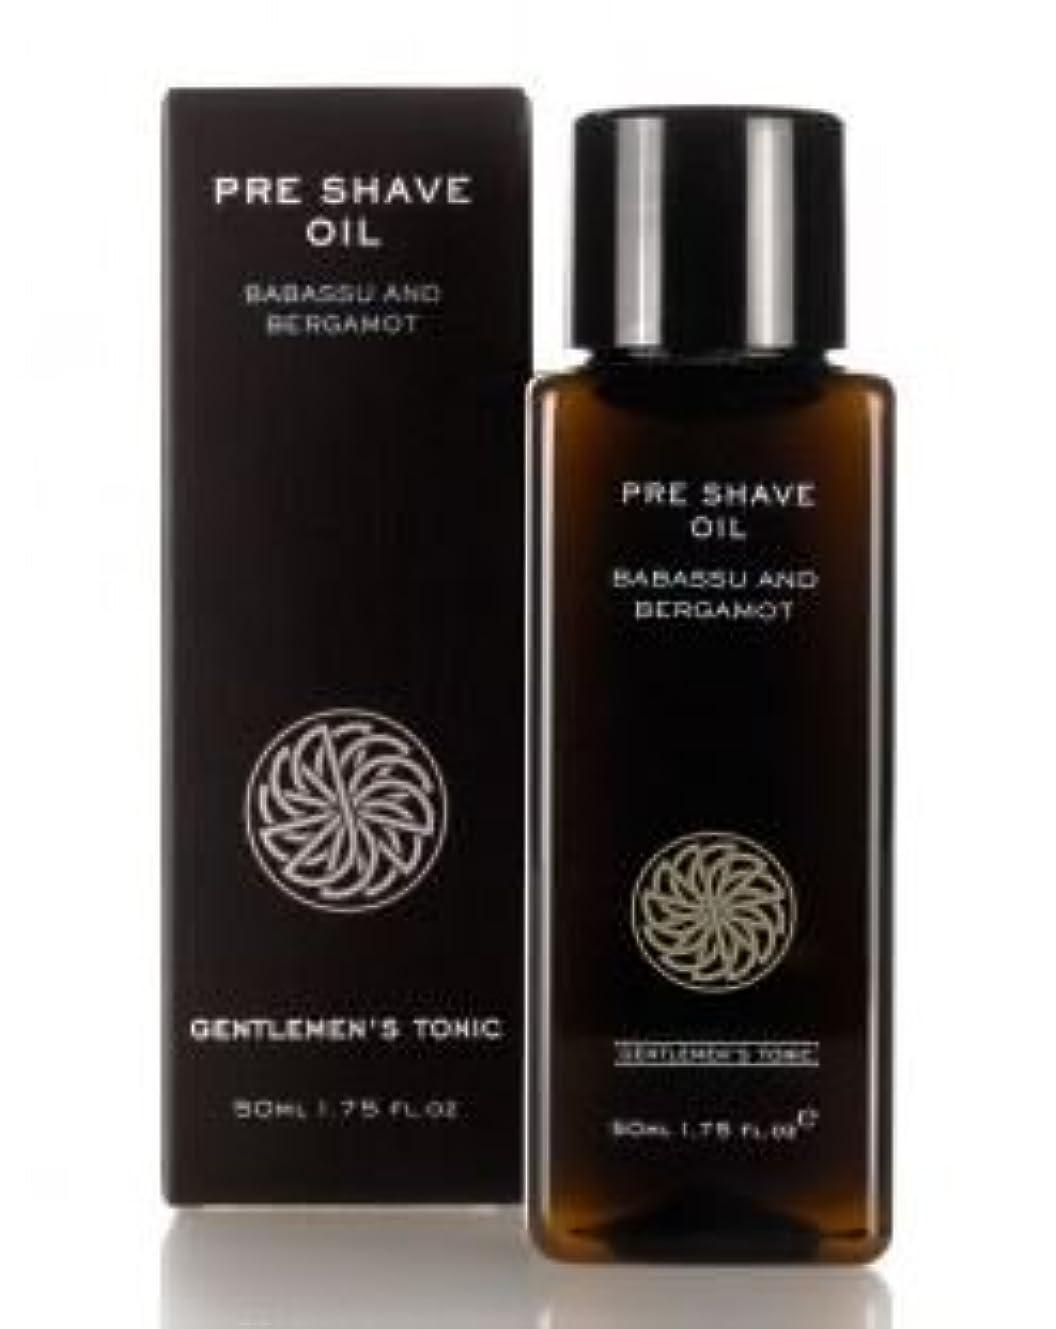 重要スクラップブックギャラリーGentlemen's Tonic ジェントルメンズトニック Pre Shave Oil (プレシェーブオイル) 50g